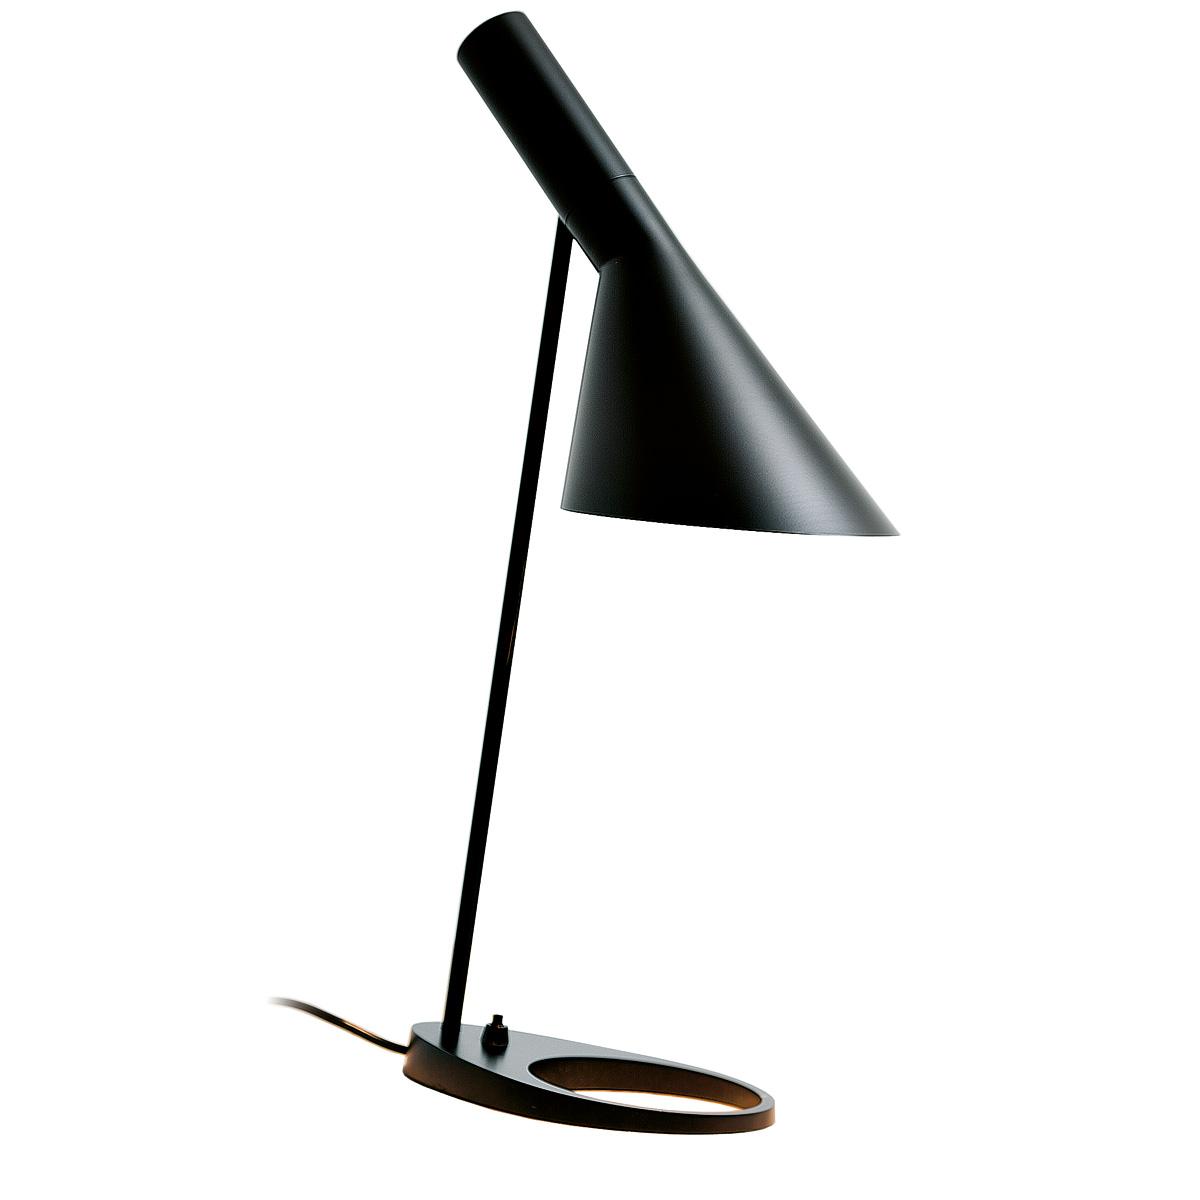 arne jacobsen aj lamp. Black Bedroom Furniture Sets. Home Design Ideas